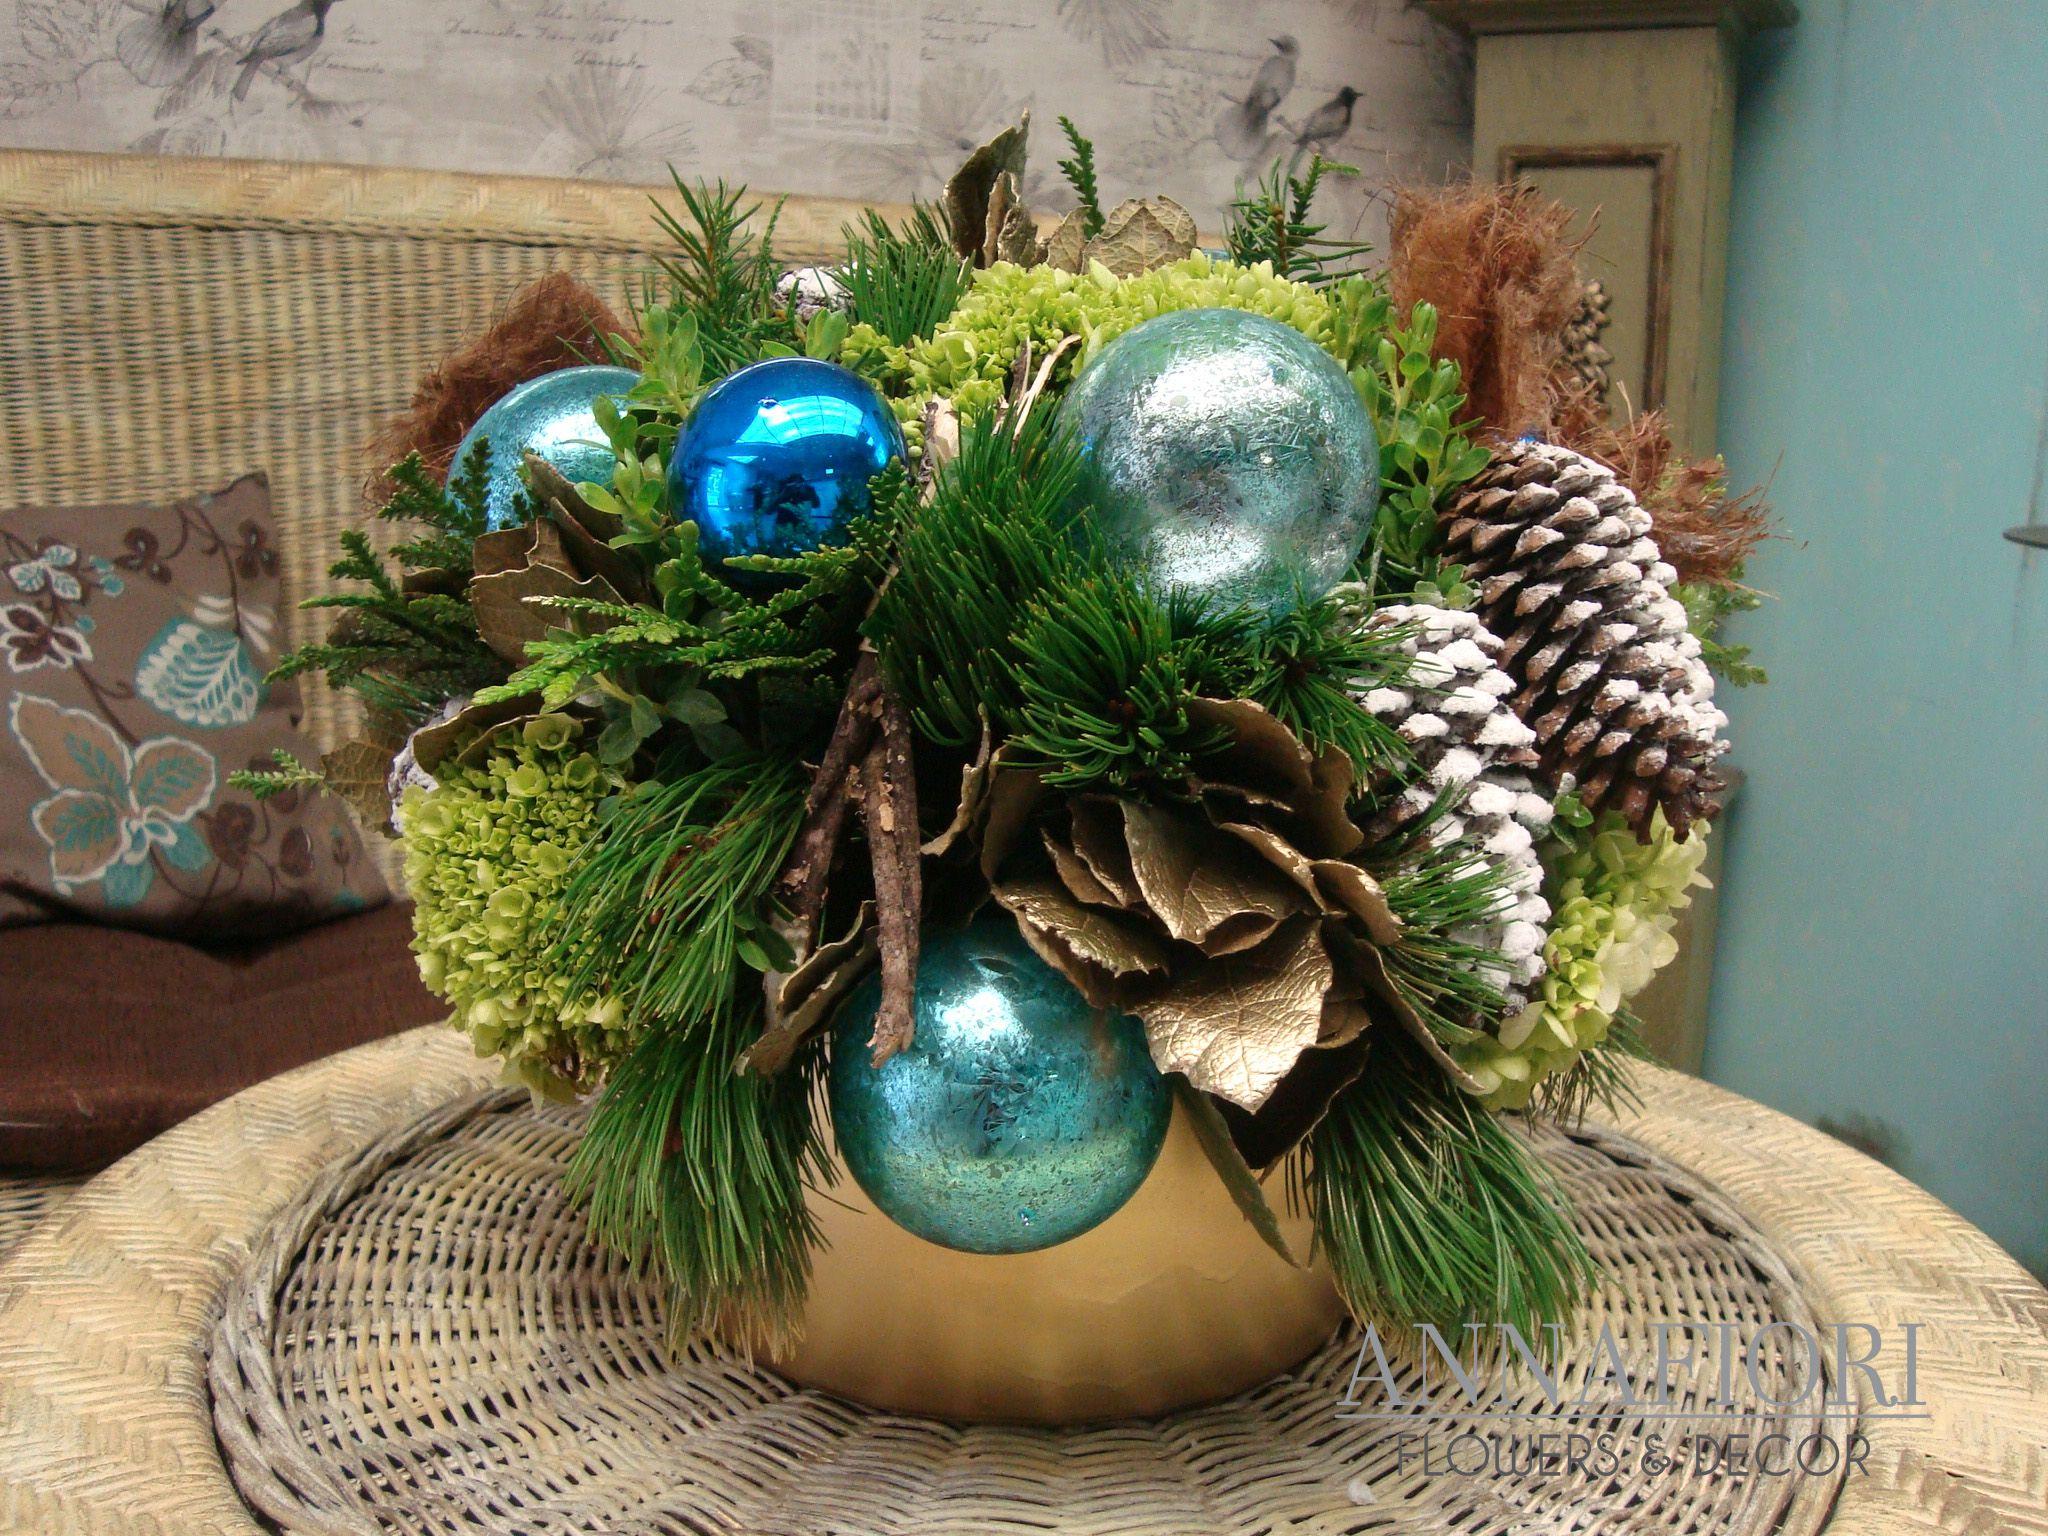 Arreglo floral centro de mesa navide o dorado con azul - Centros florales navidenos ...